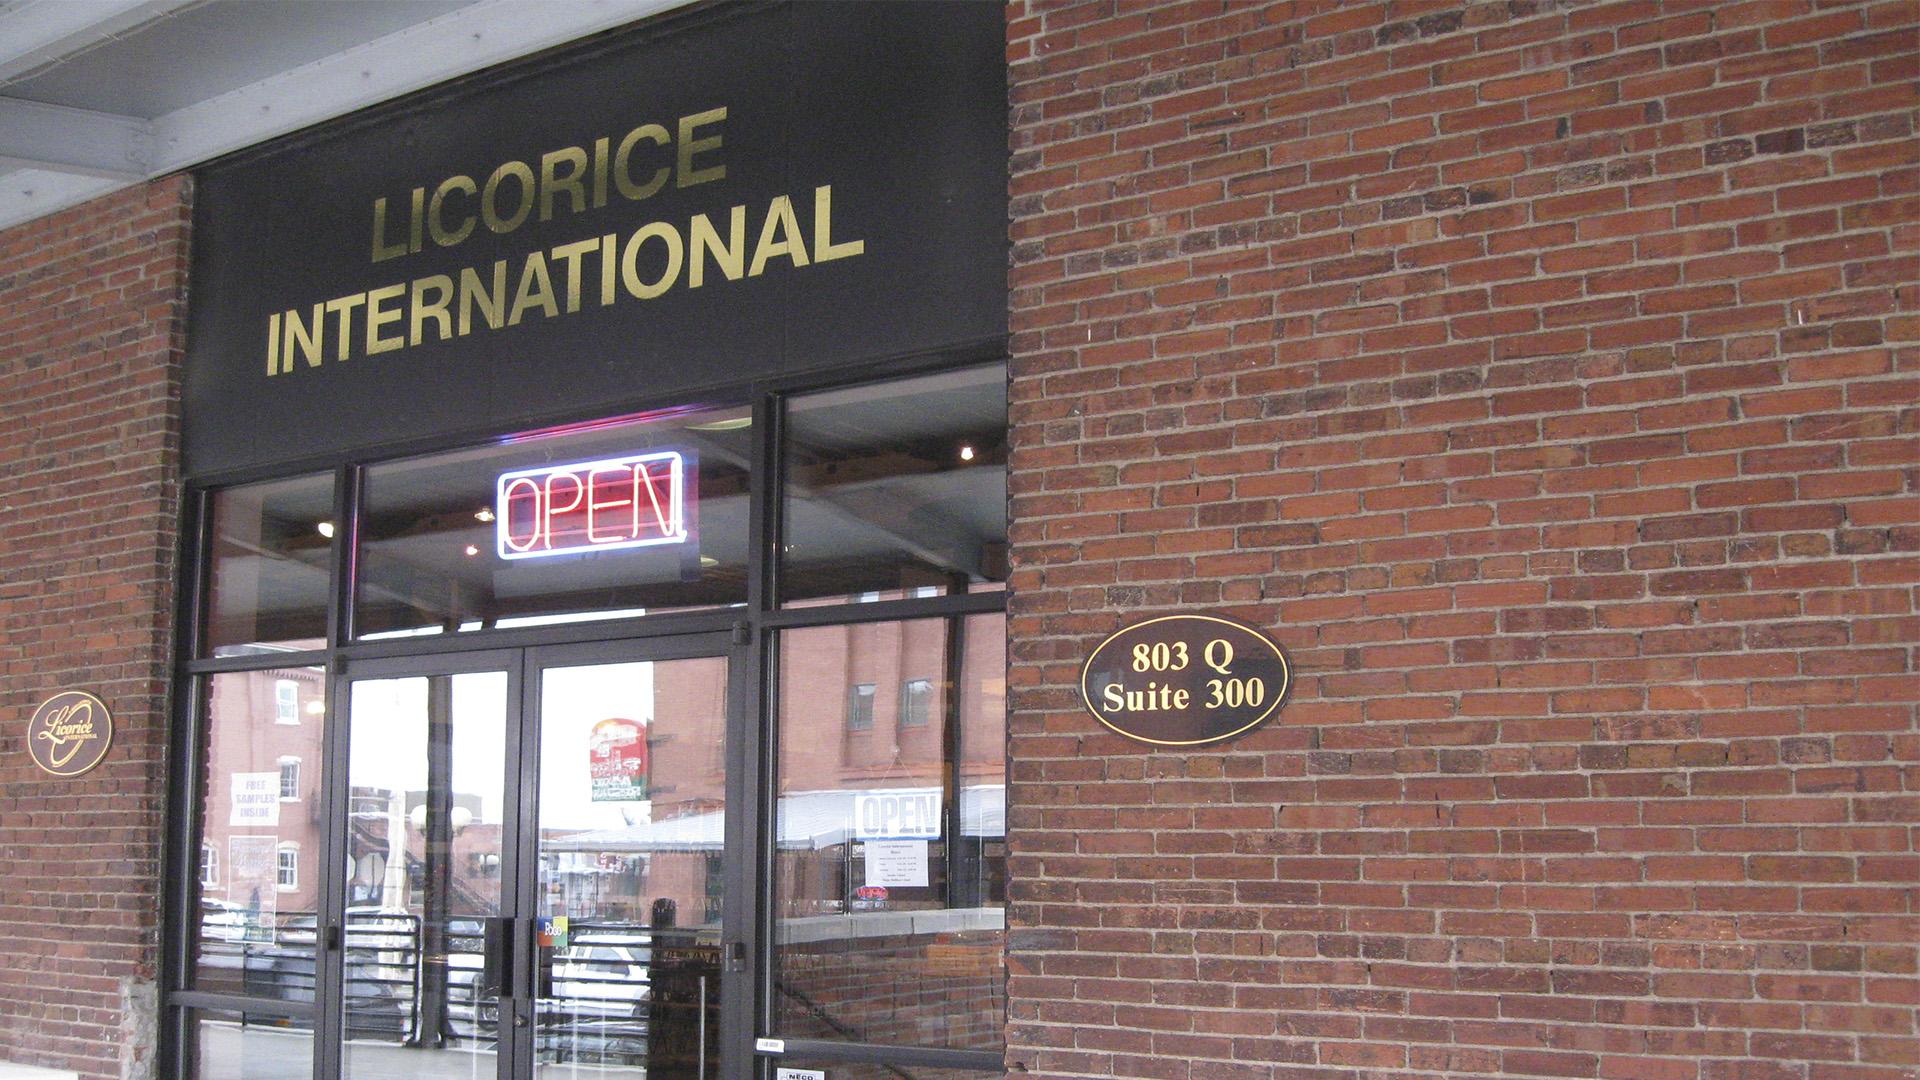 Parada obrigatória para os admiradores de licor é o Licorice International com sua variedade de bebidas e bom atendimento.